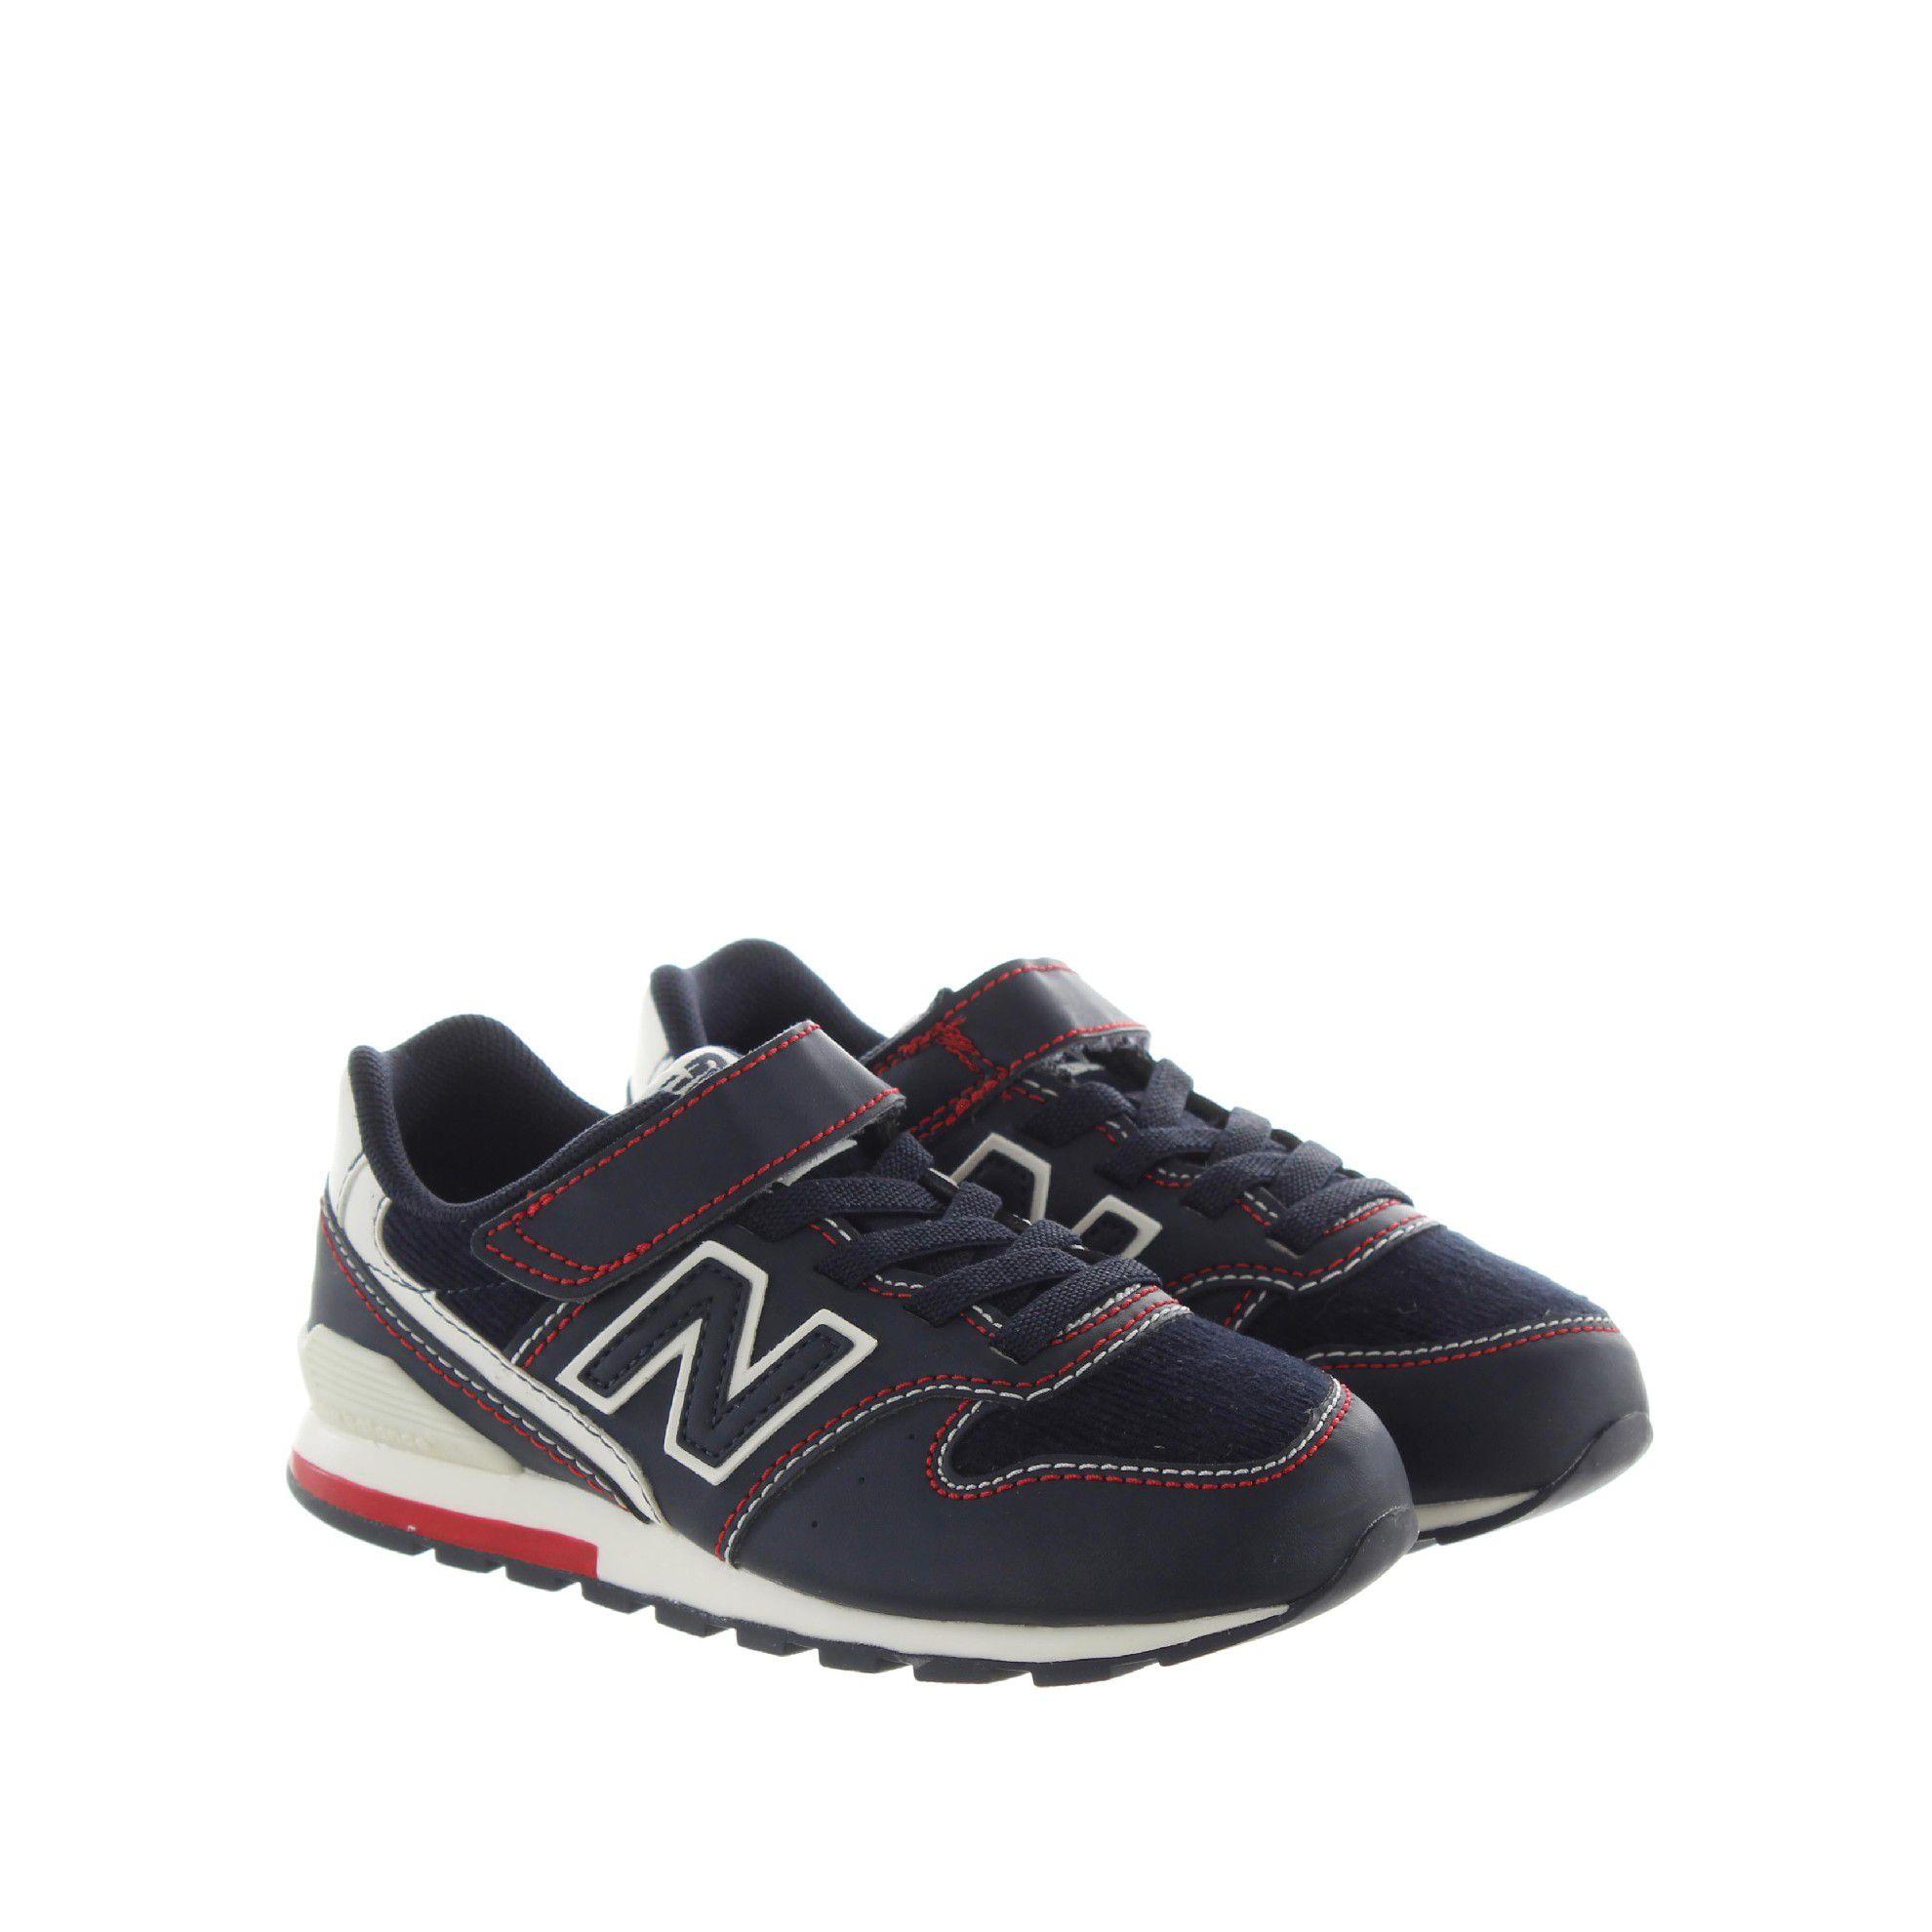 New balance sneaker 996 in pelle e velluto da bambino